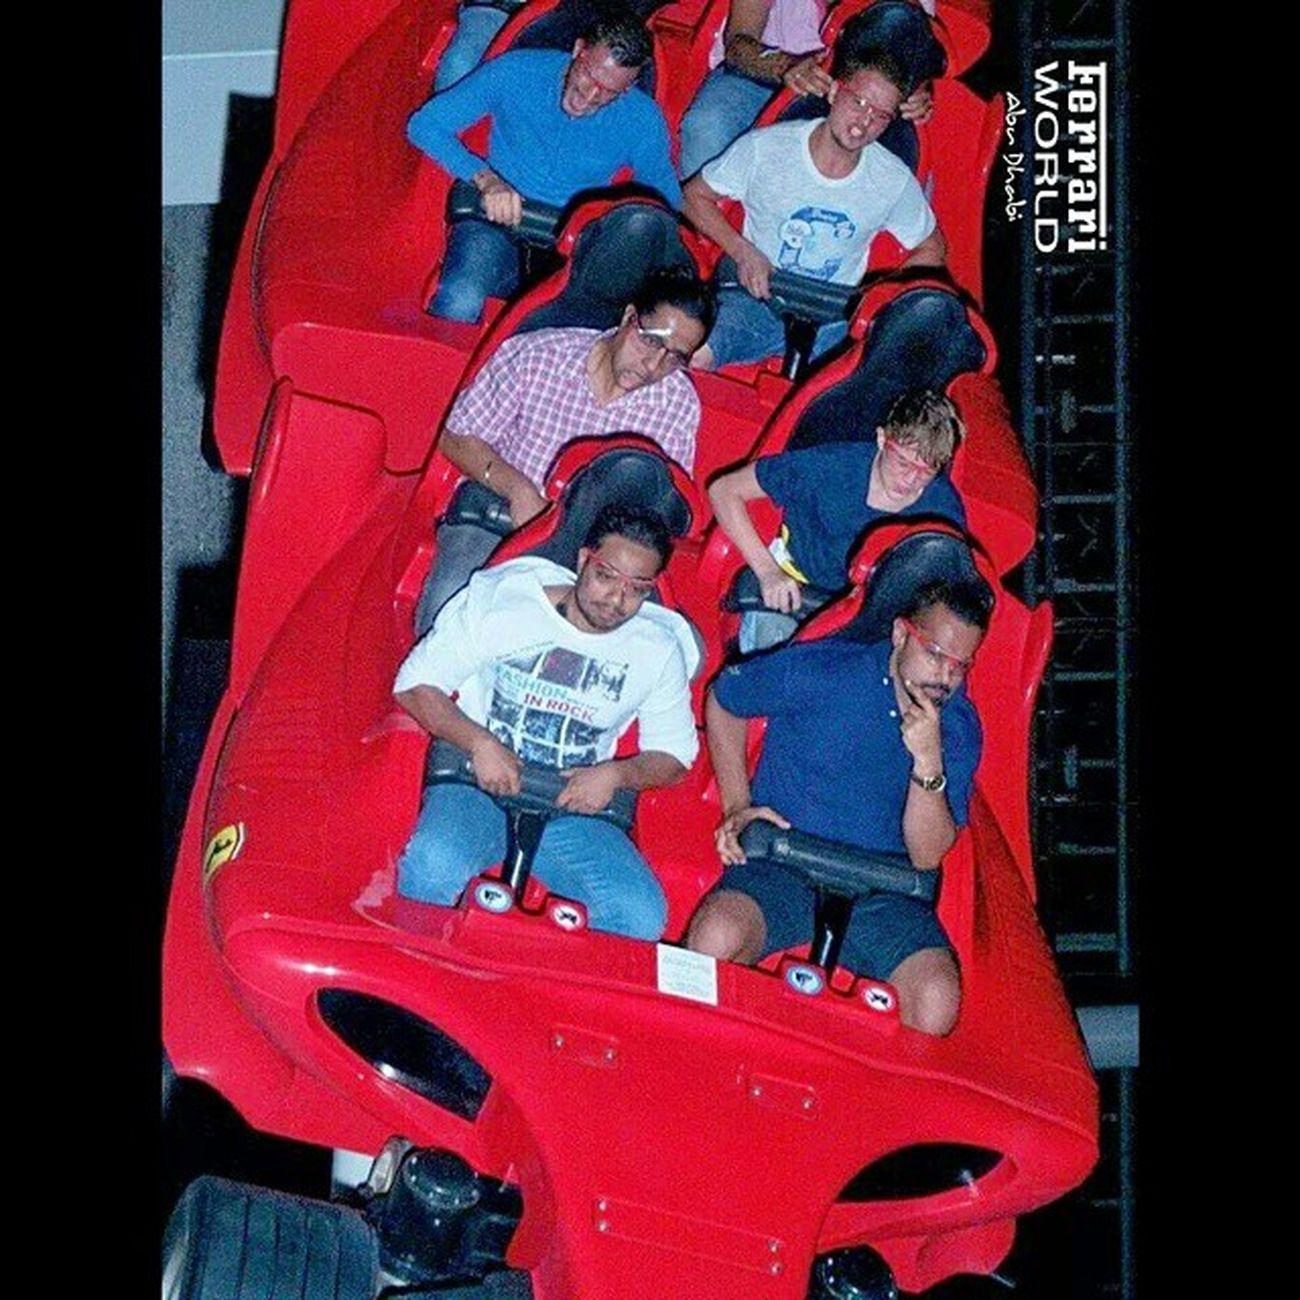 Ferrariworld Worldsfastestrollercoaster Yas Abudhabi uae poser actcool 240km 4.6G guyinthemiddle scared epic rides